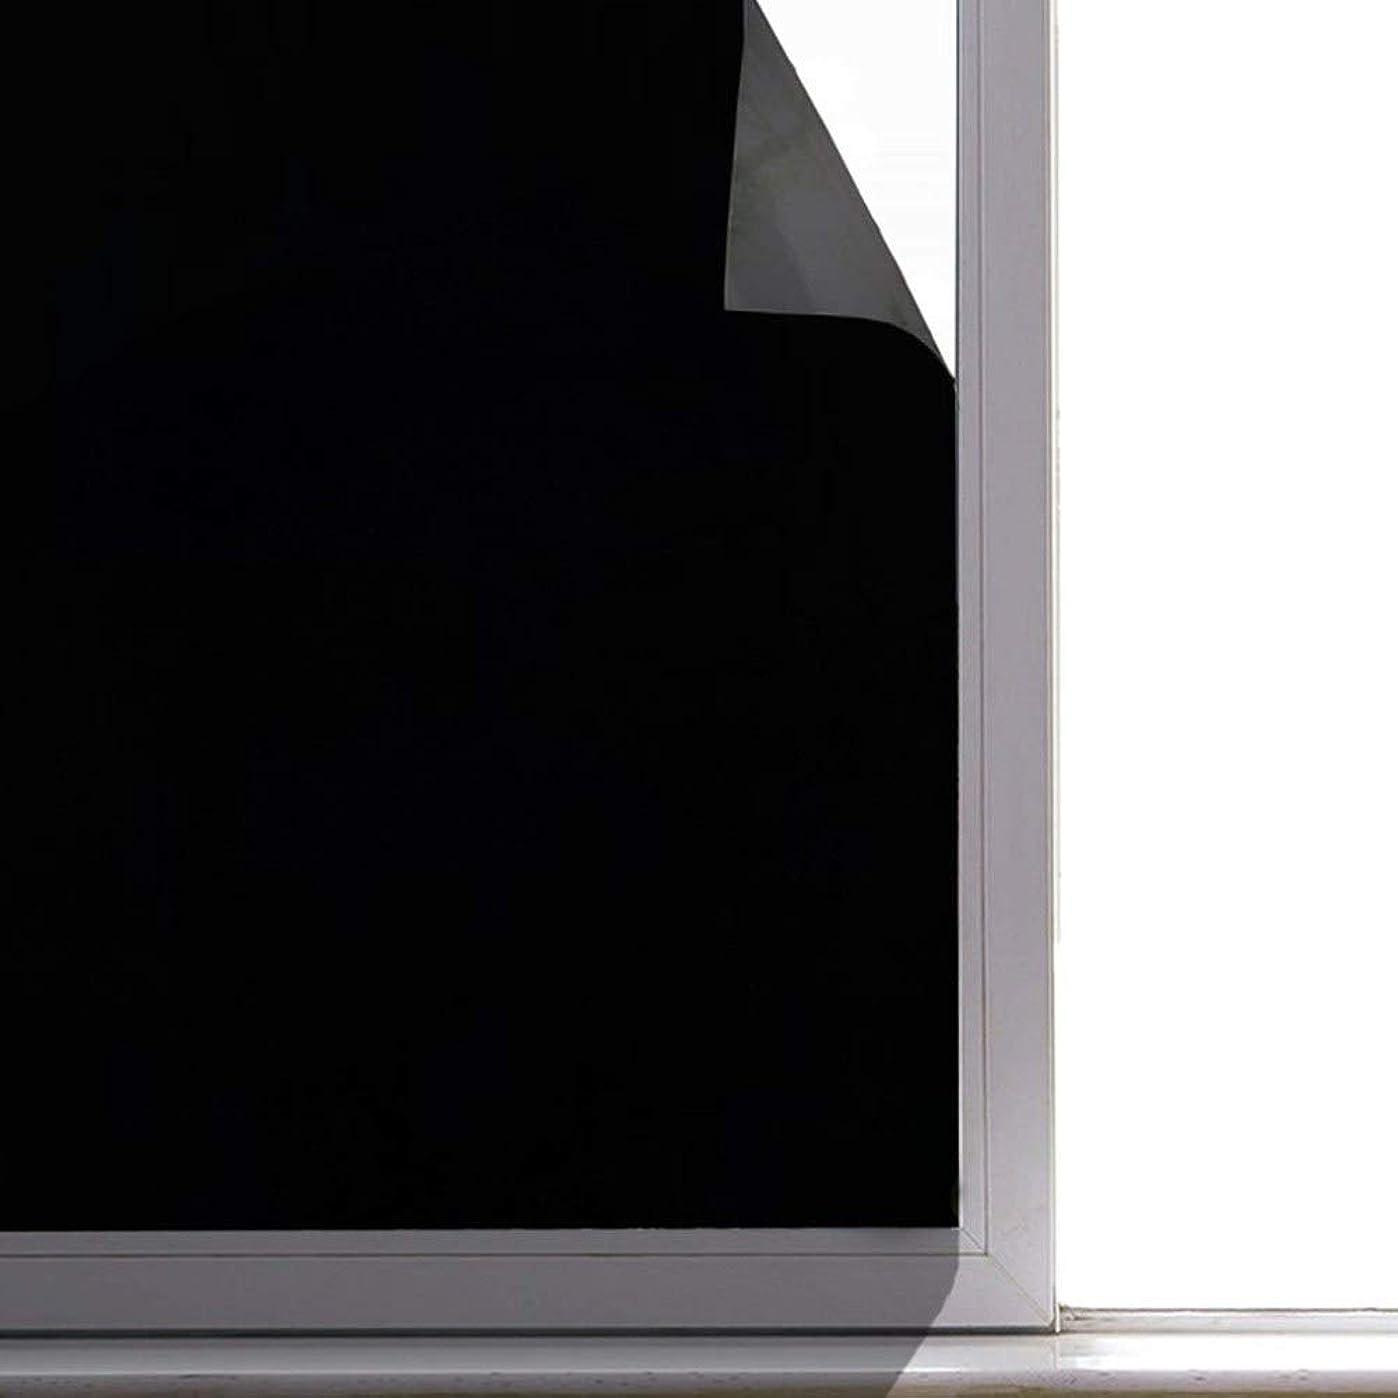 詳細に破壊牽引真っ黒 超遮光 遮光シート 貼ってはがせる窓用フィルム 光漏れ激減 完全目隠し UVを96%カット 睡眠には十分な暗さ 日よけ 防犯 飛散防止 水で貼れる 防虫忌避 目隠しシート ガラスフィルム すりガラス 遮光 シート フィルム(夜の帳 44.5 x 200cm)